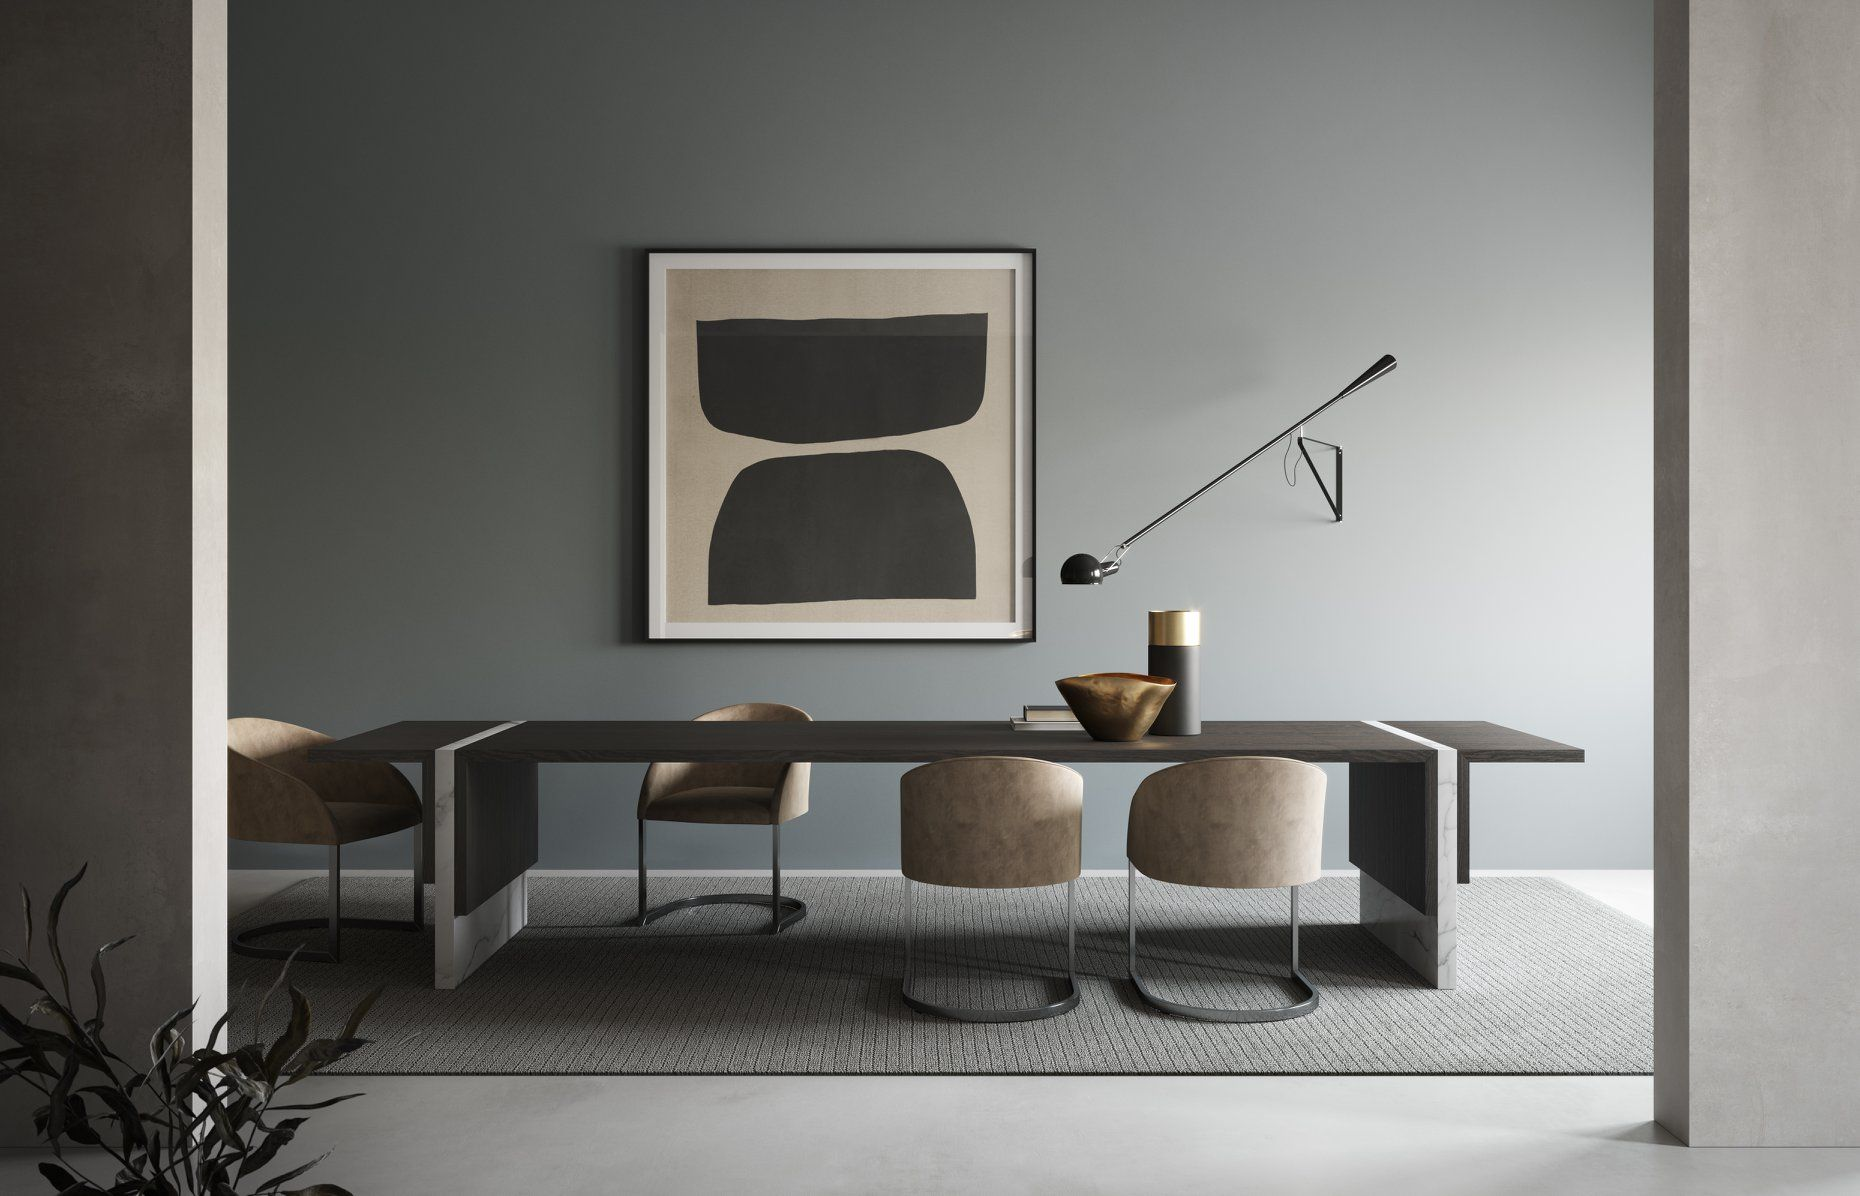 Emmemobili Cosmo Table Features The Combination O Contemporary Designers Furniture Da Vinci Lifestyle In 2020 Contemporary Furniture Design Furniture Design Table